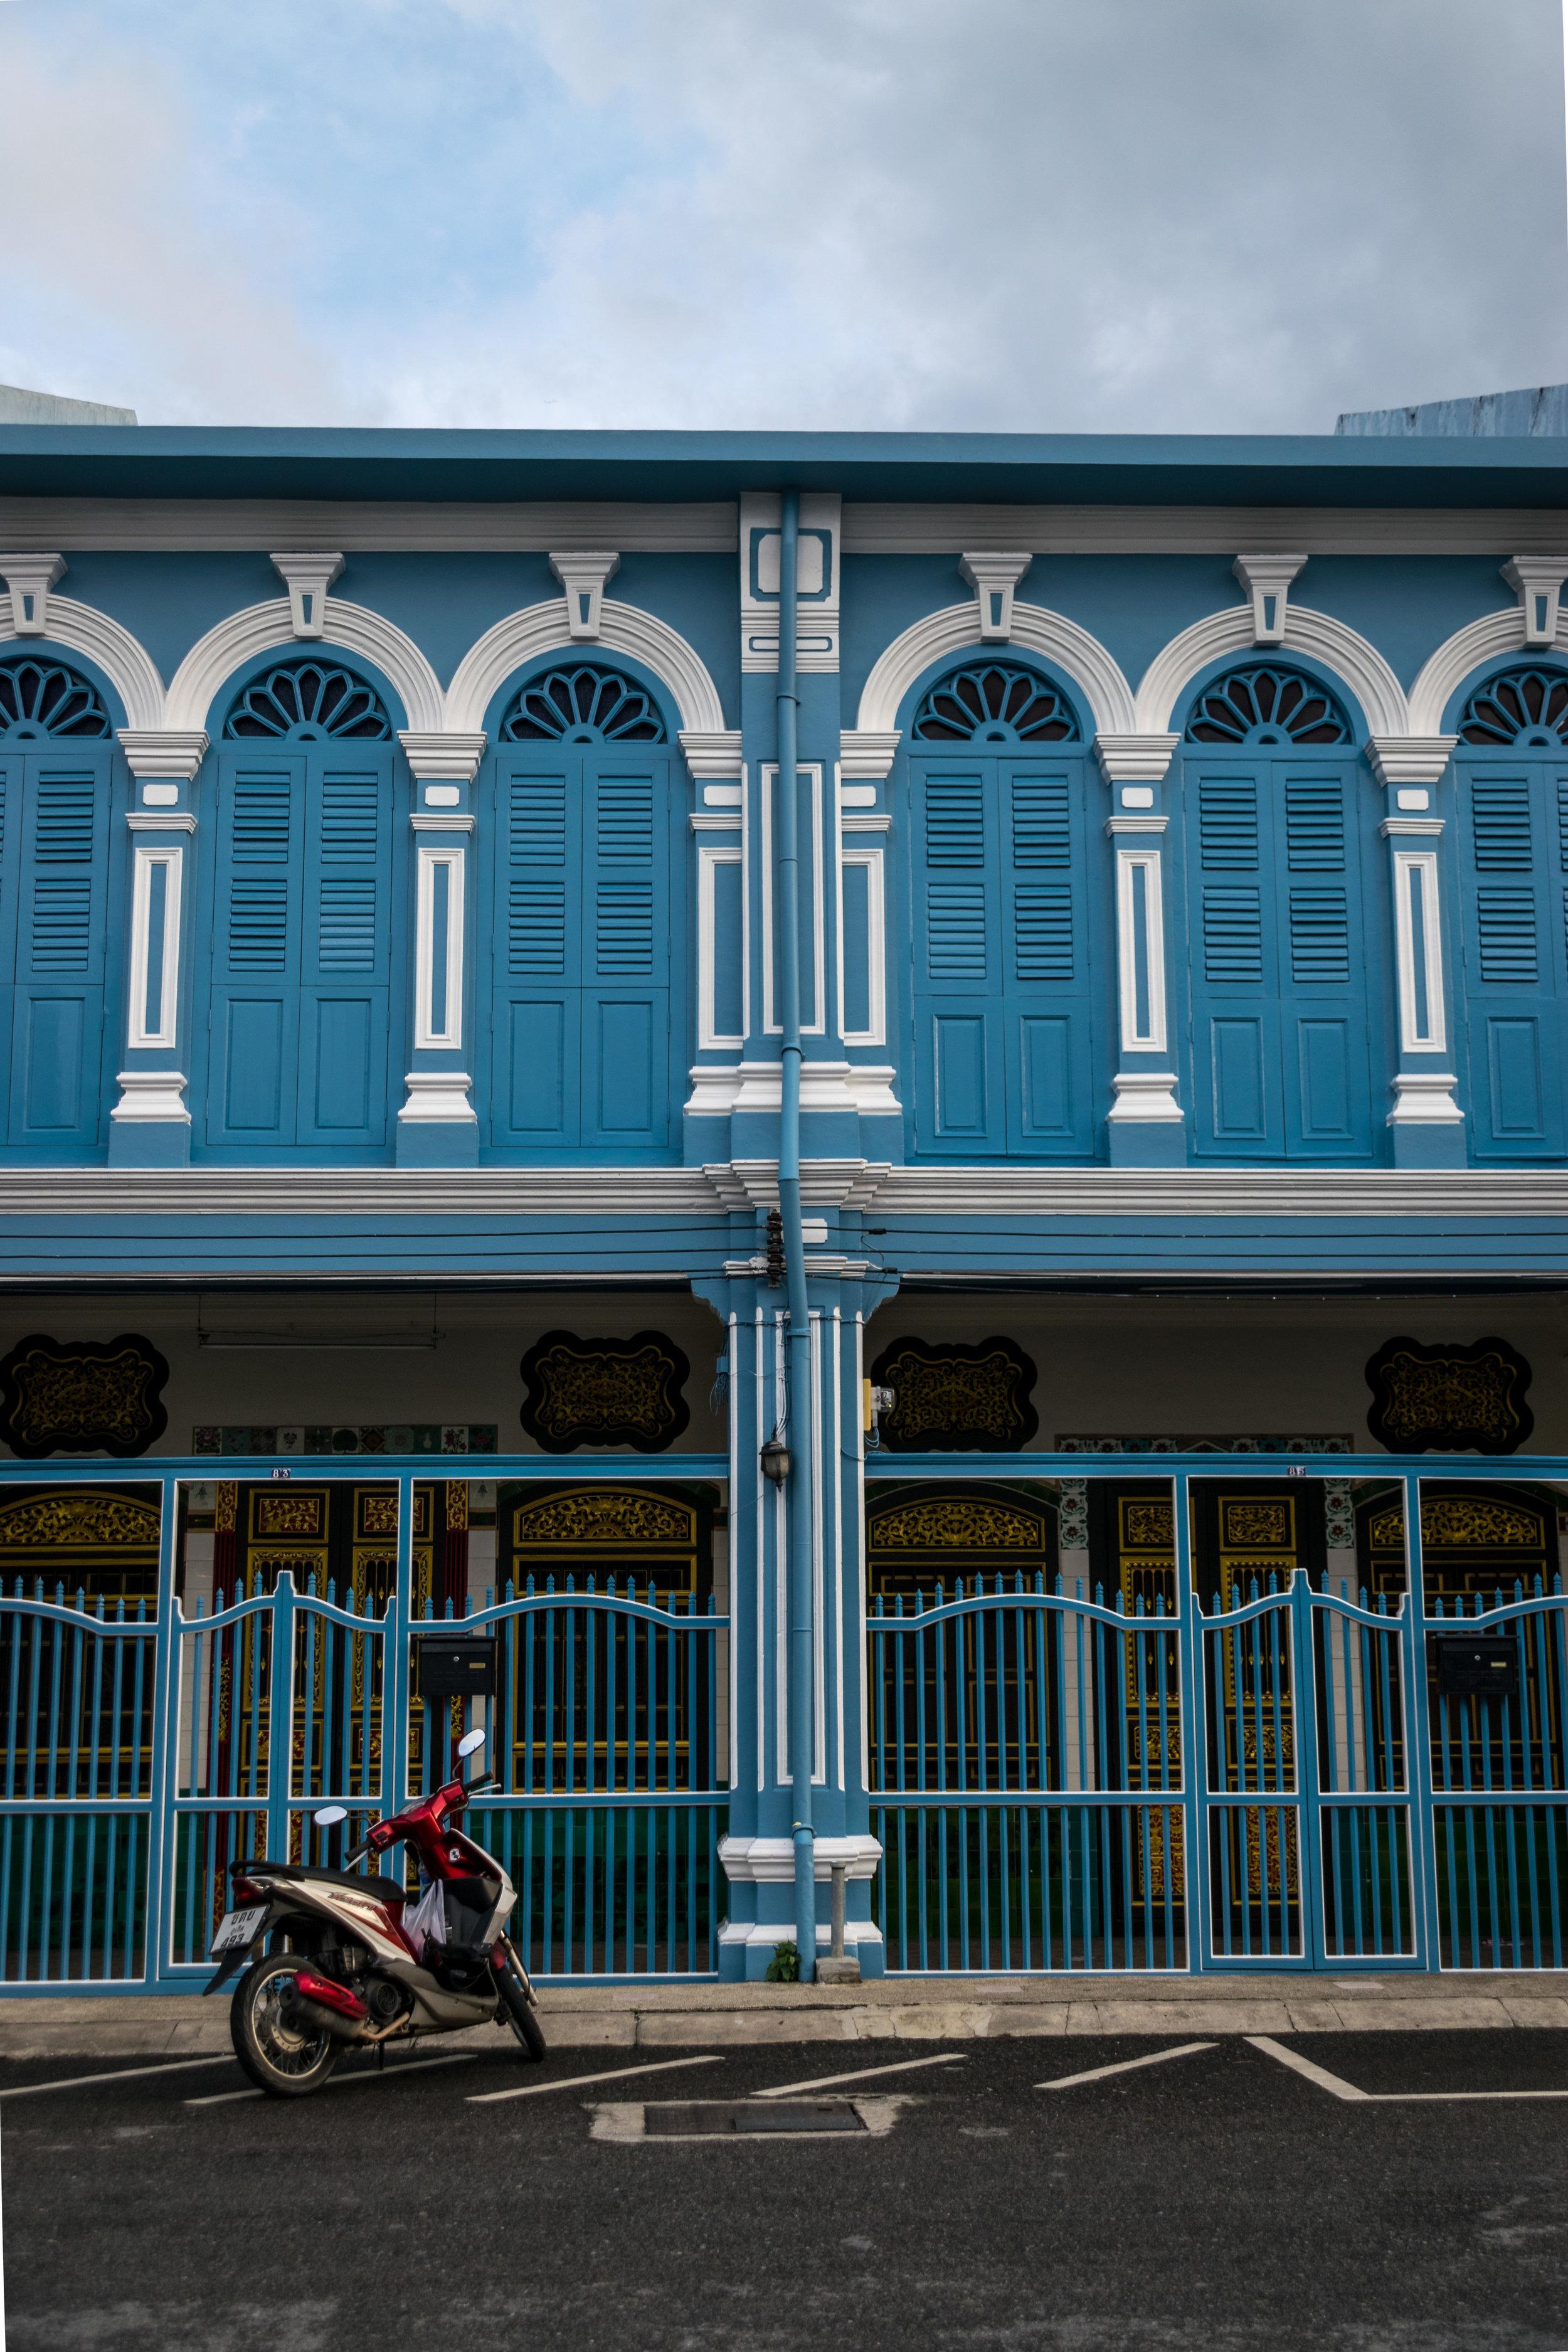 Phuket Old Town buildings-13.jpg